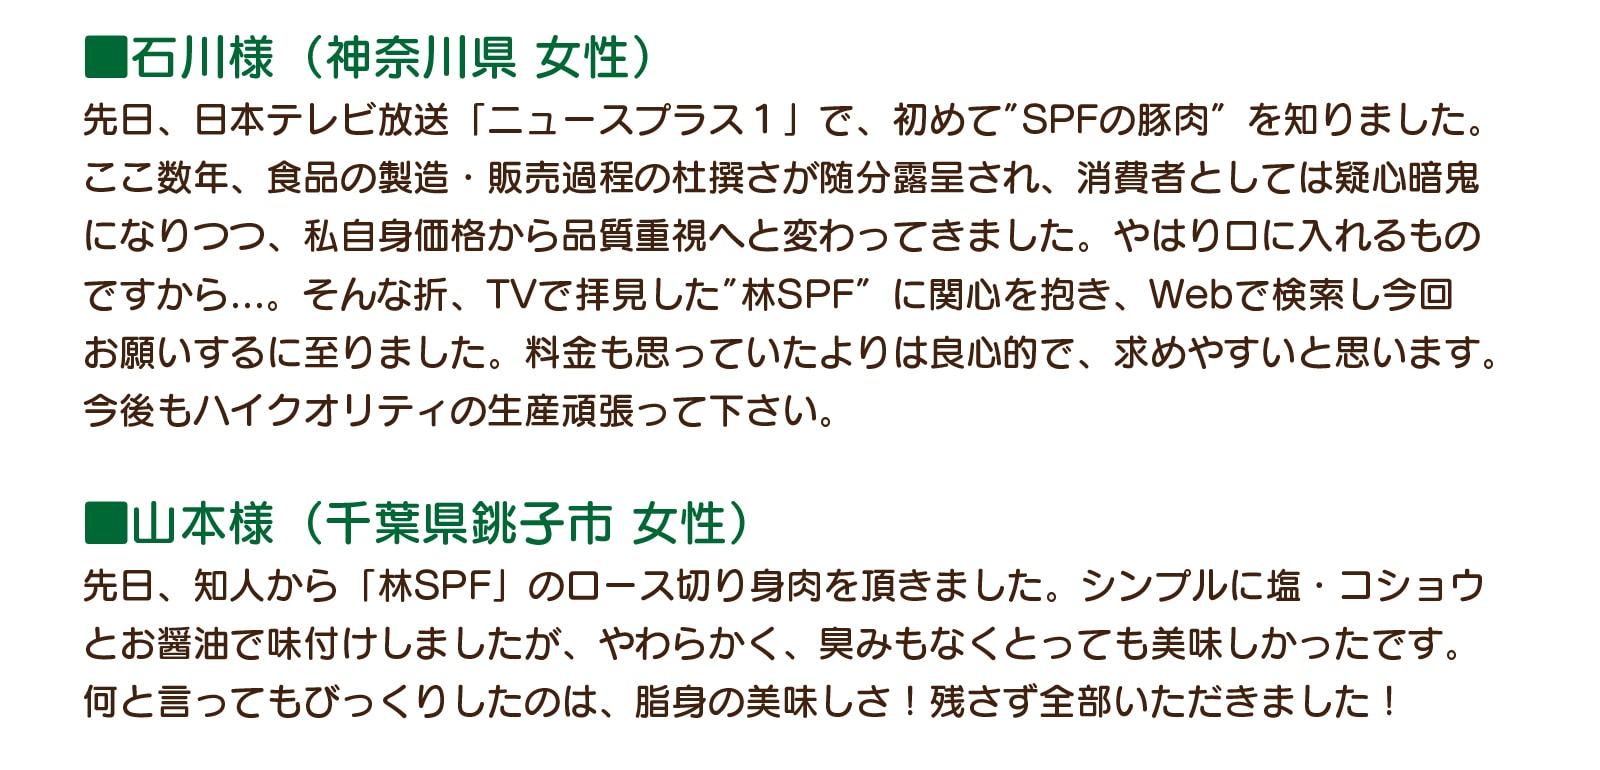 """石川様(神奈川県 女性):先日、日本テレビ放送「ニュースプラス1」で、初めて""""SPFの豚肉""""を知りました。ここ数年、食品の製造・販売過程の杜撰さが随分露呈され、消費者としては疑心暗鬼になりつつ、私自身価格から品質重視へと変わってきました。やはり口に入れるものですから...。そんな折、TVで拝見した""""林SPF""""に関心を抱き、Webで検索し今回お願いするに至りました。料金も思っていたよりは良心的で、求めやすいと思います。今後もハイクオリティの生産頑張って下さい。山本様(千葉県銚子市 女性):先日、知人から「林SPF」のロース切り身肉を頂きました。シンプルに塩・コショウとお醤油で味付けしましたが、やわらかく、臭みもなくとっても美味しかったです。何と言ってもびっくりしたのは、脂身の美味しさ!残さず全部いただきました!"""